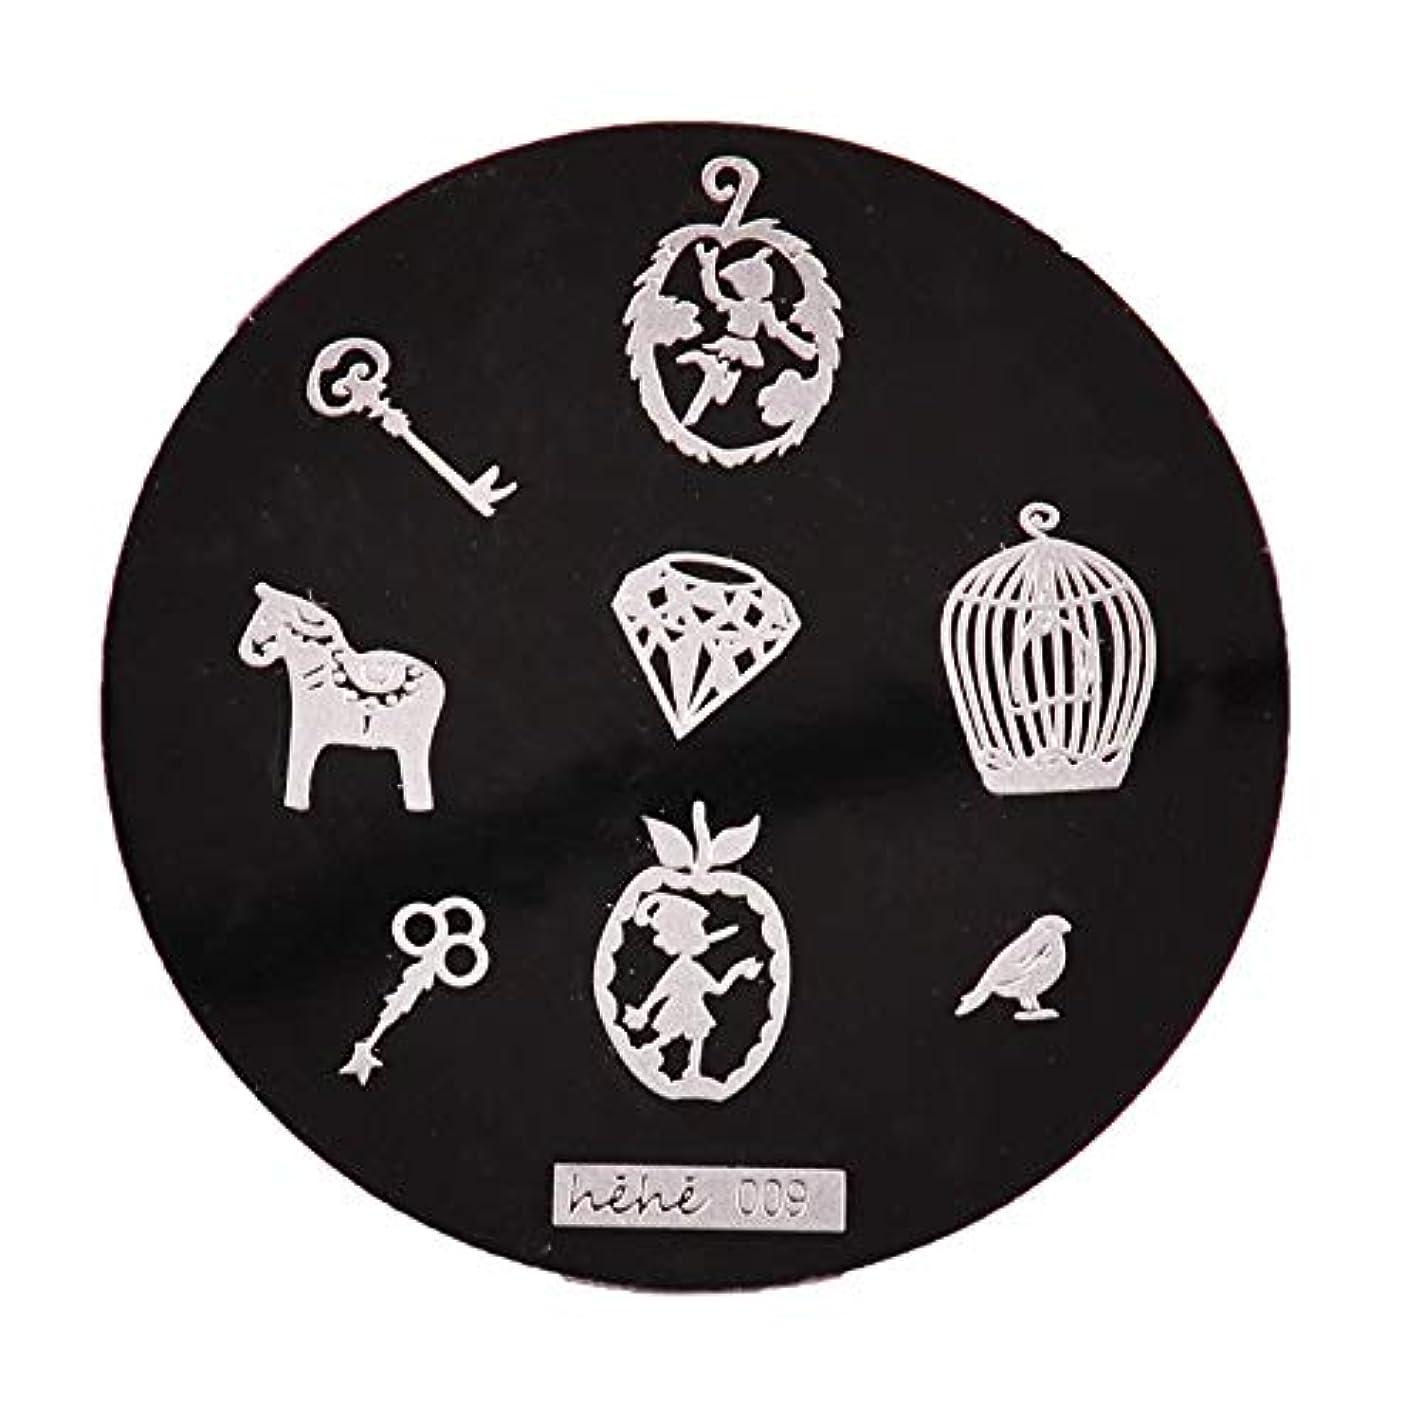 確立評価可能慎重Yoshilimen スマートネイルアートネイル丸板印刷プレート(None 09)